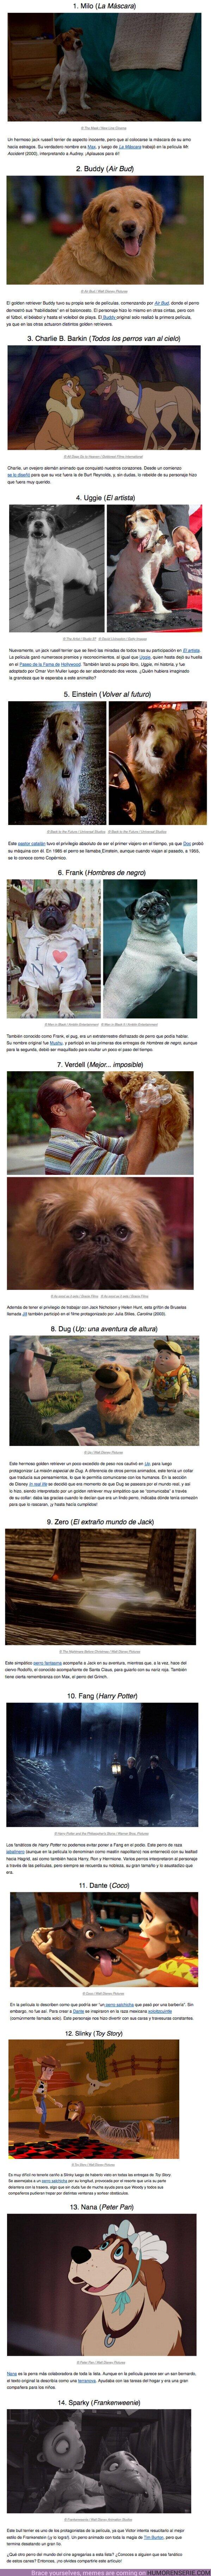 52224 - Estos 14 perros del mundo del cine se ganaron un hueco en nuestro corazón por varios motivos